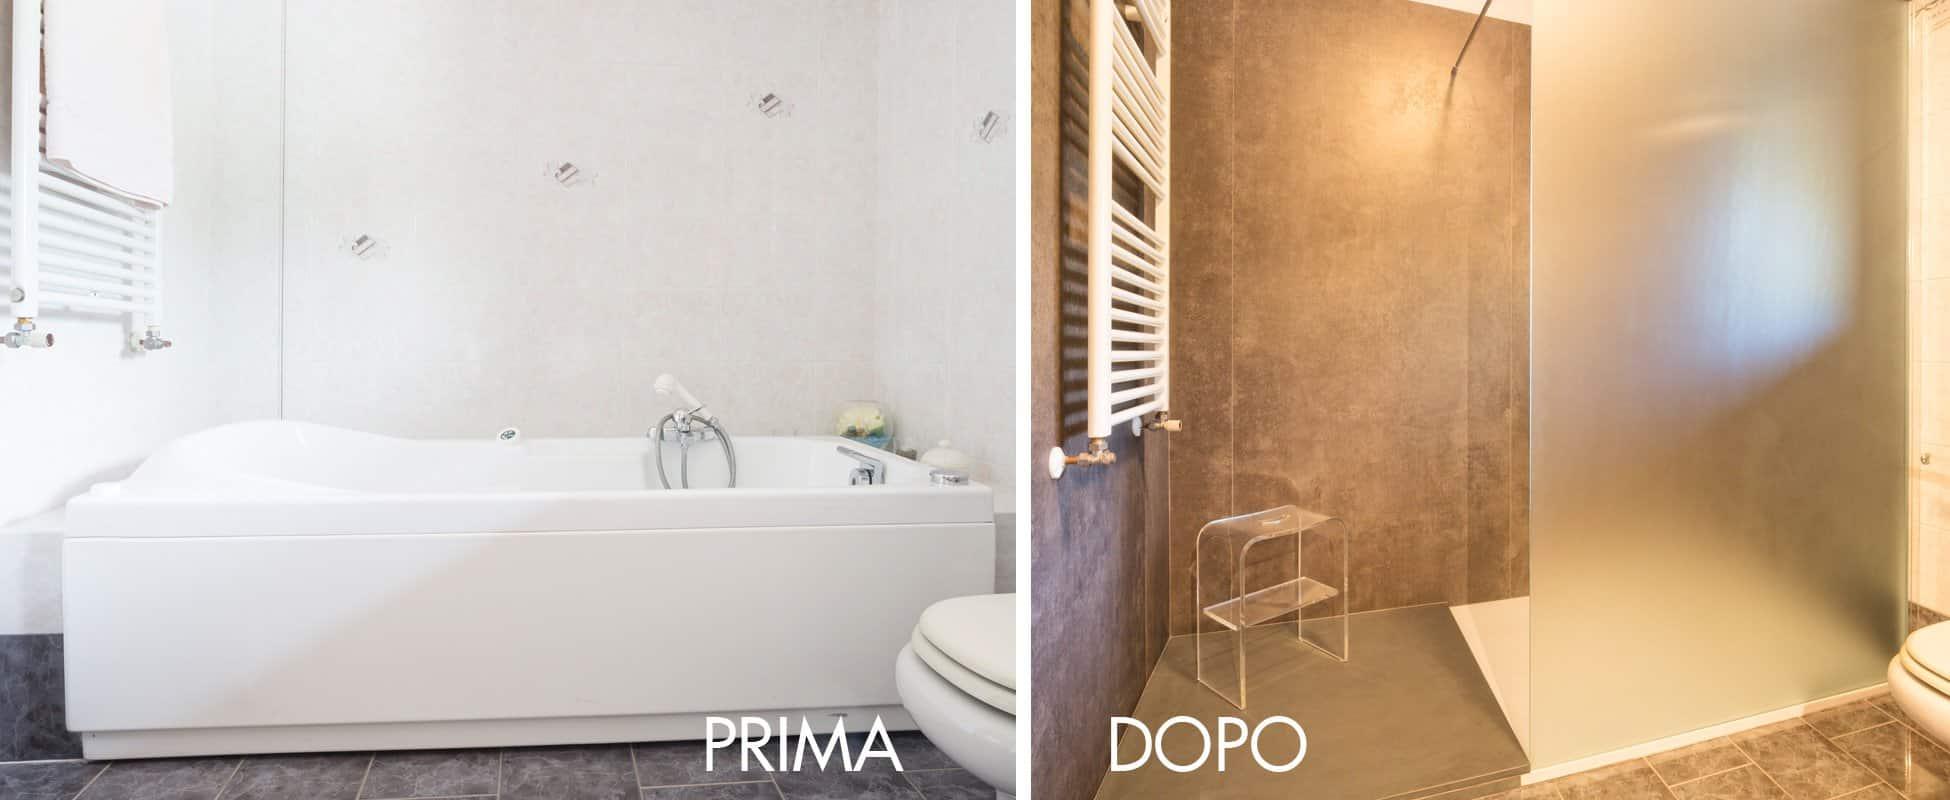 trasformare vasca in doccia prima e dopo